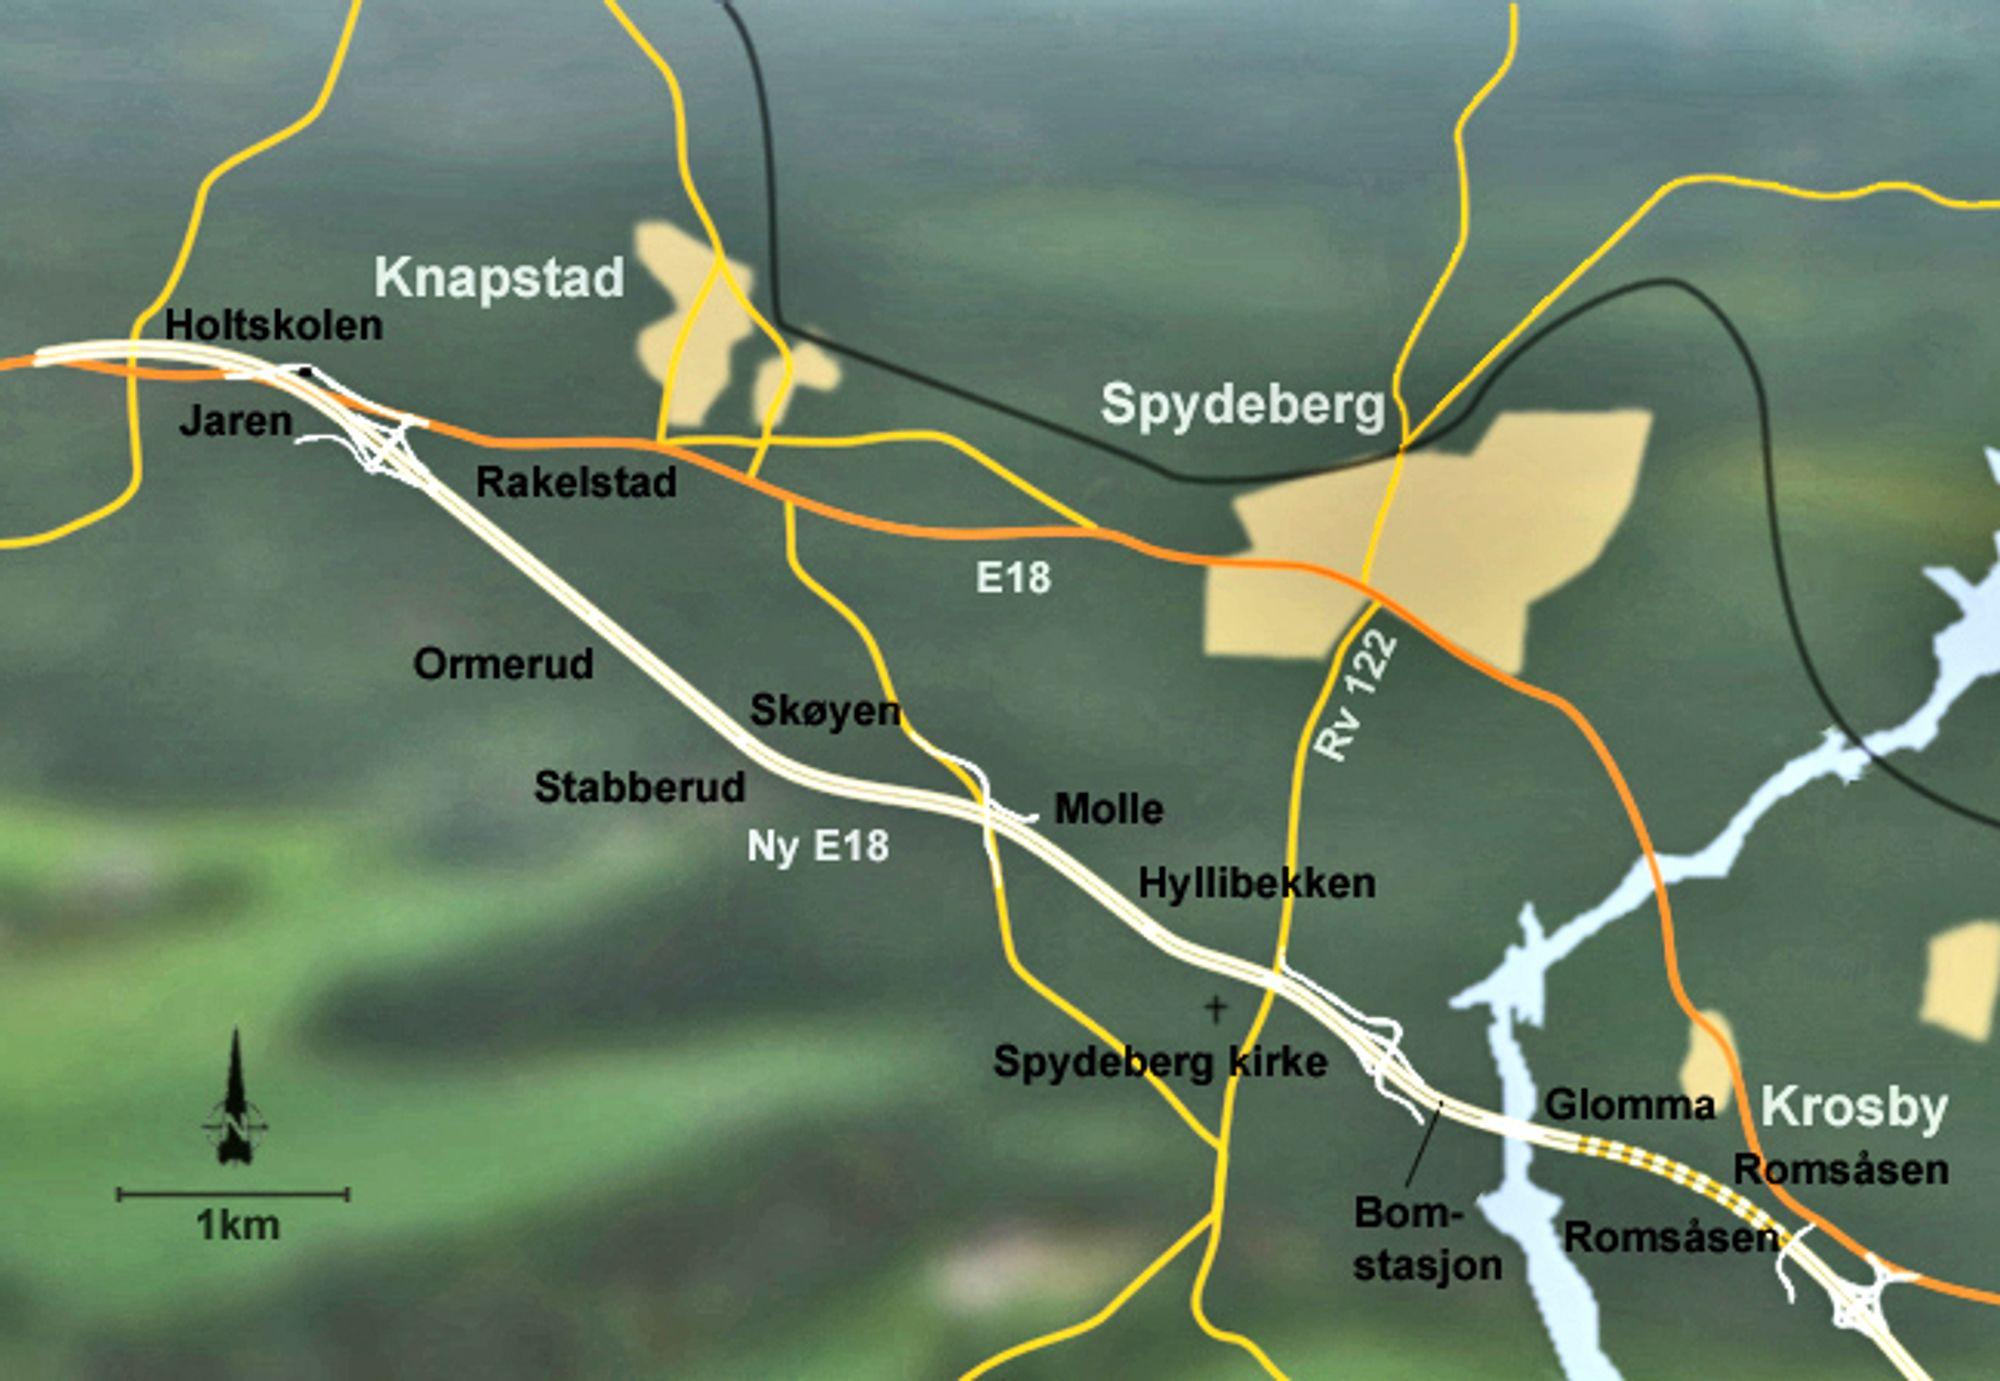 Askim Entreprenør ligger best an til å få kontrakten på fem bruer på ny E 18 mellom Knapstad og Krosby i Østfold. Prisene er høye, men det spiller neppe noen rolle for framdriften. (Ill.: Norfilm)